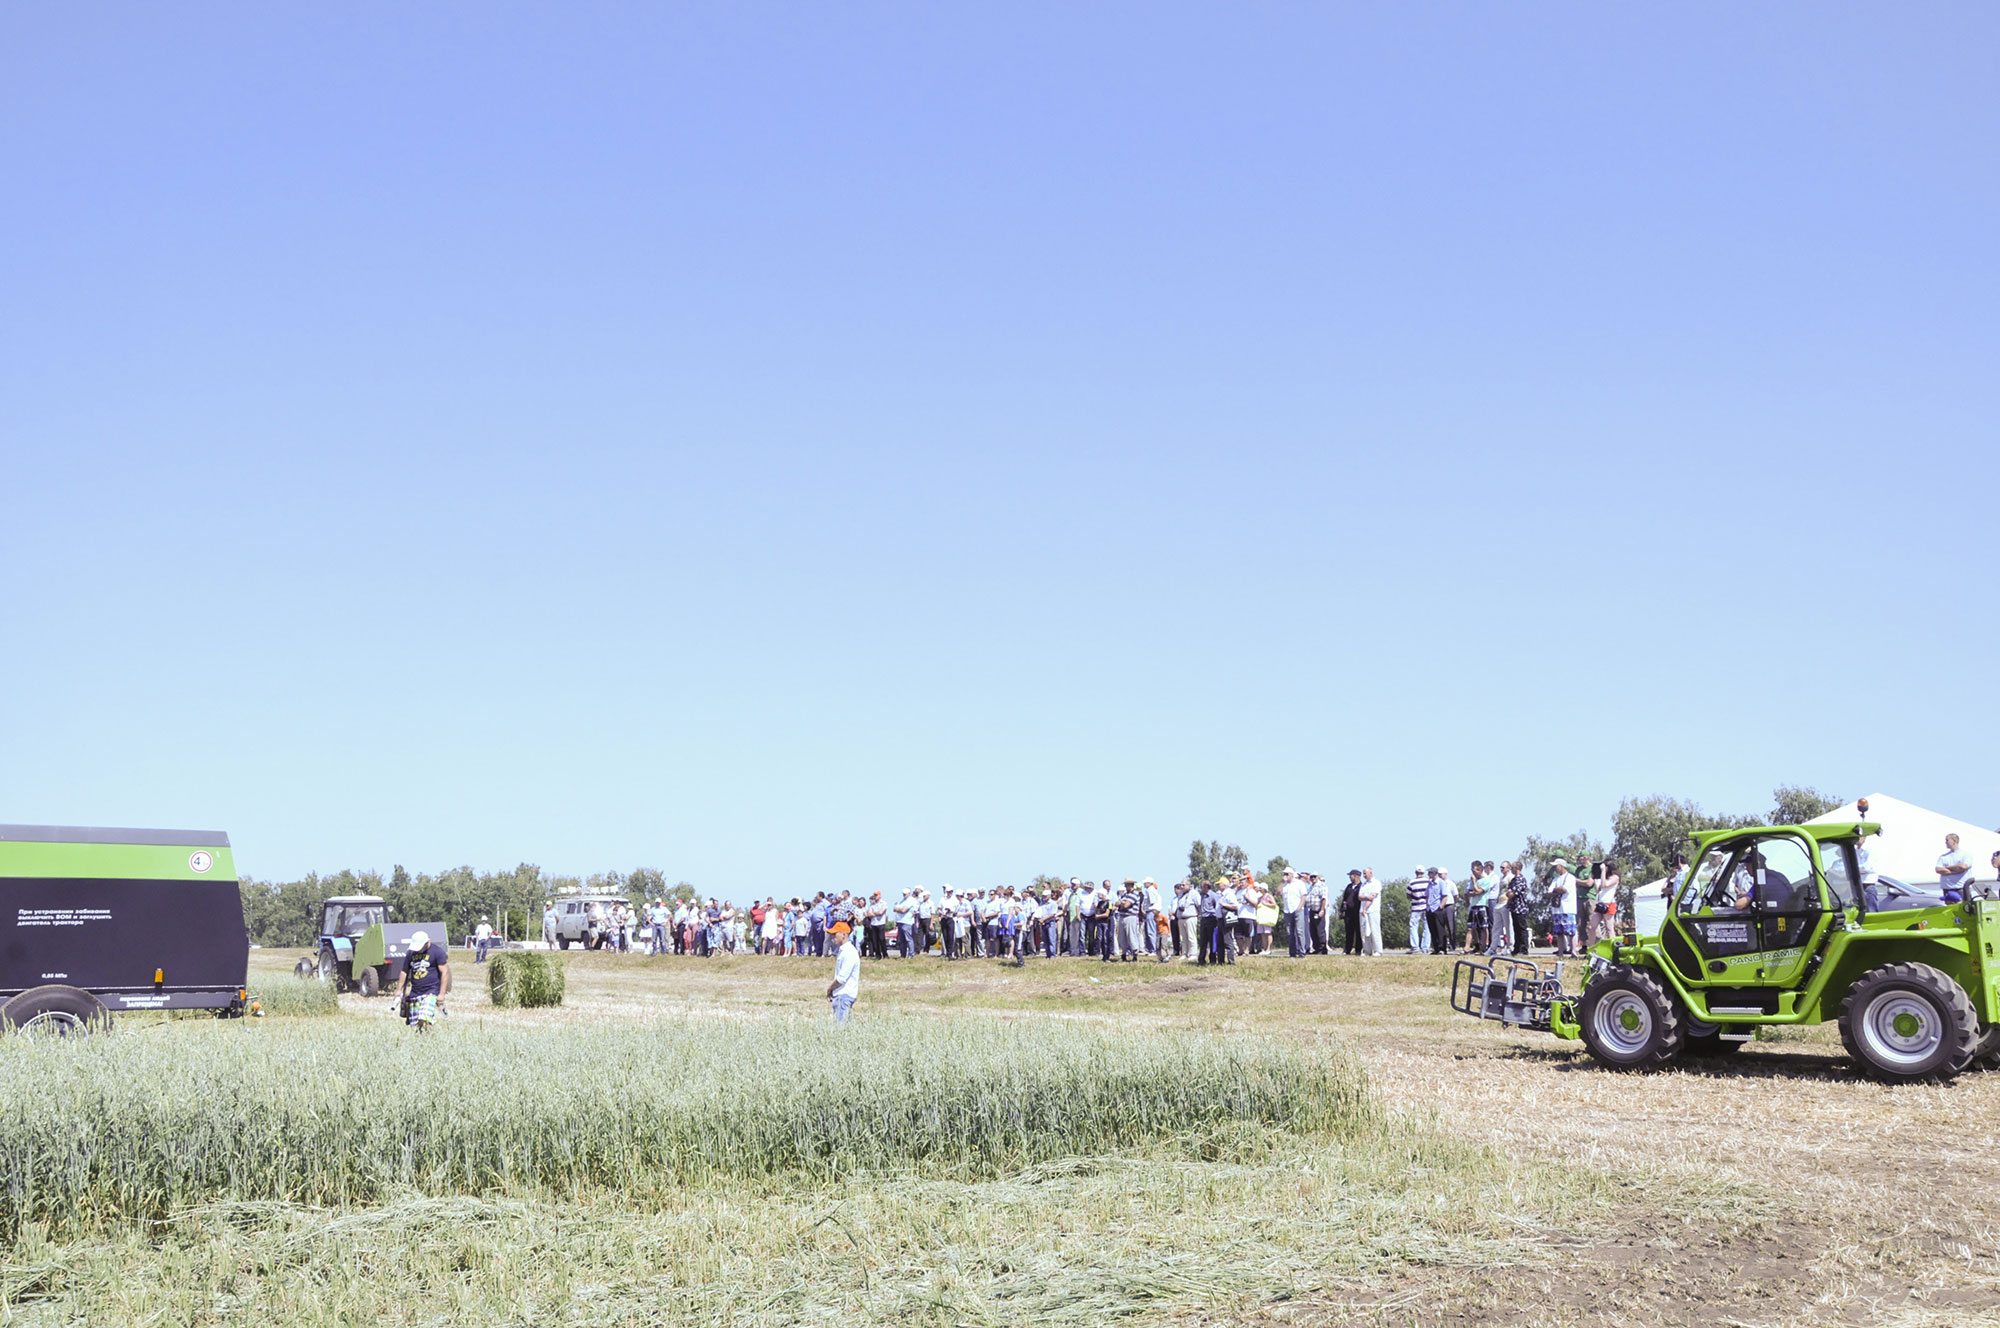 V-й Межрегиональный Агрофорум «День сибирского поля-2015» г. Барнаул